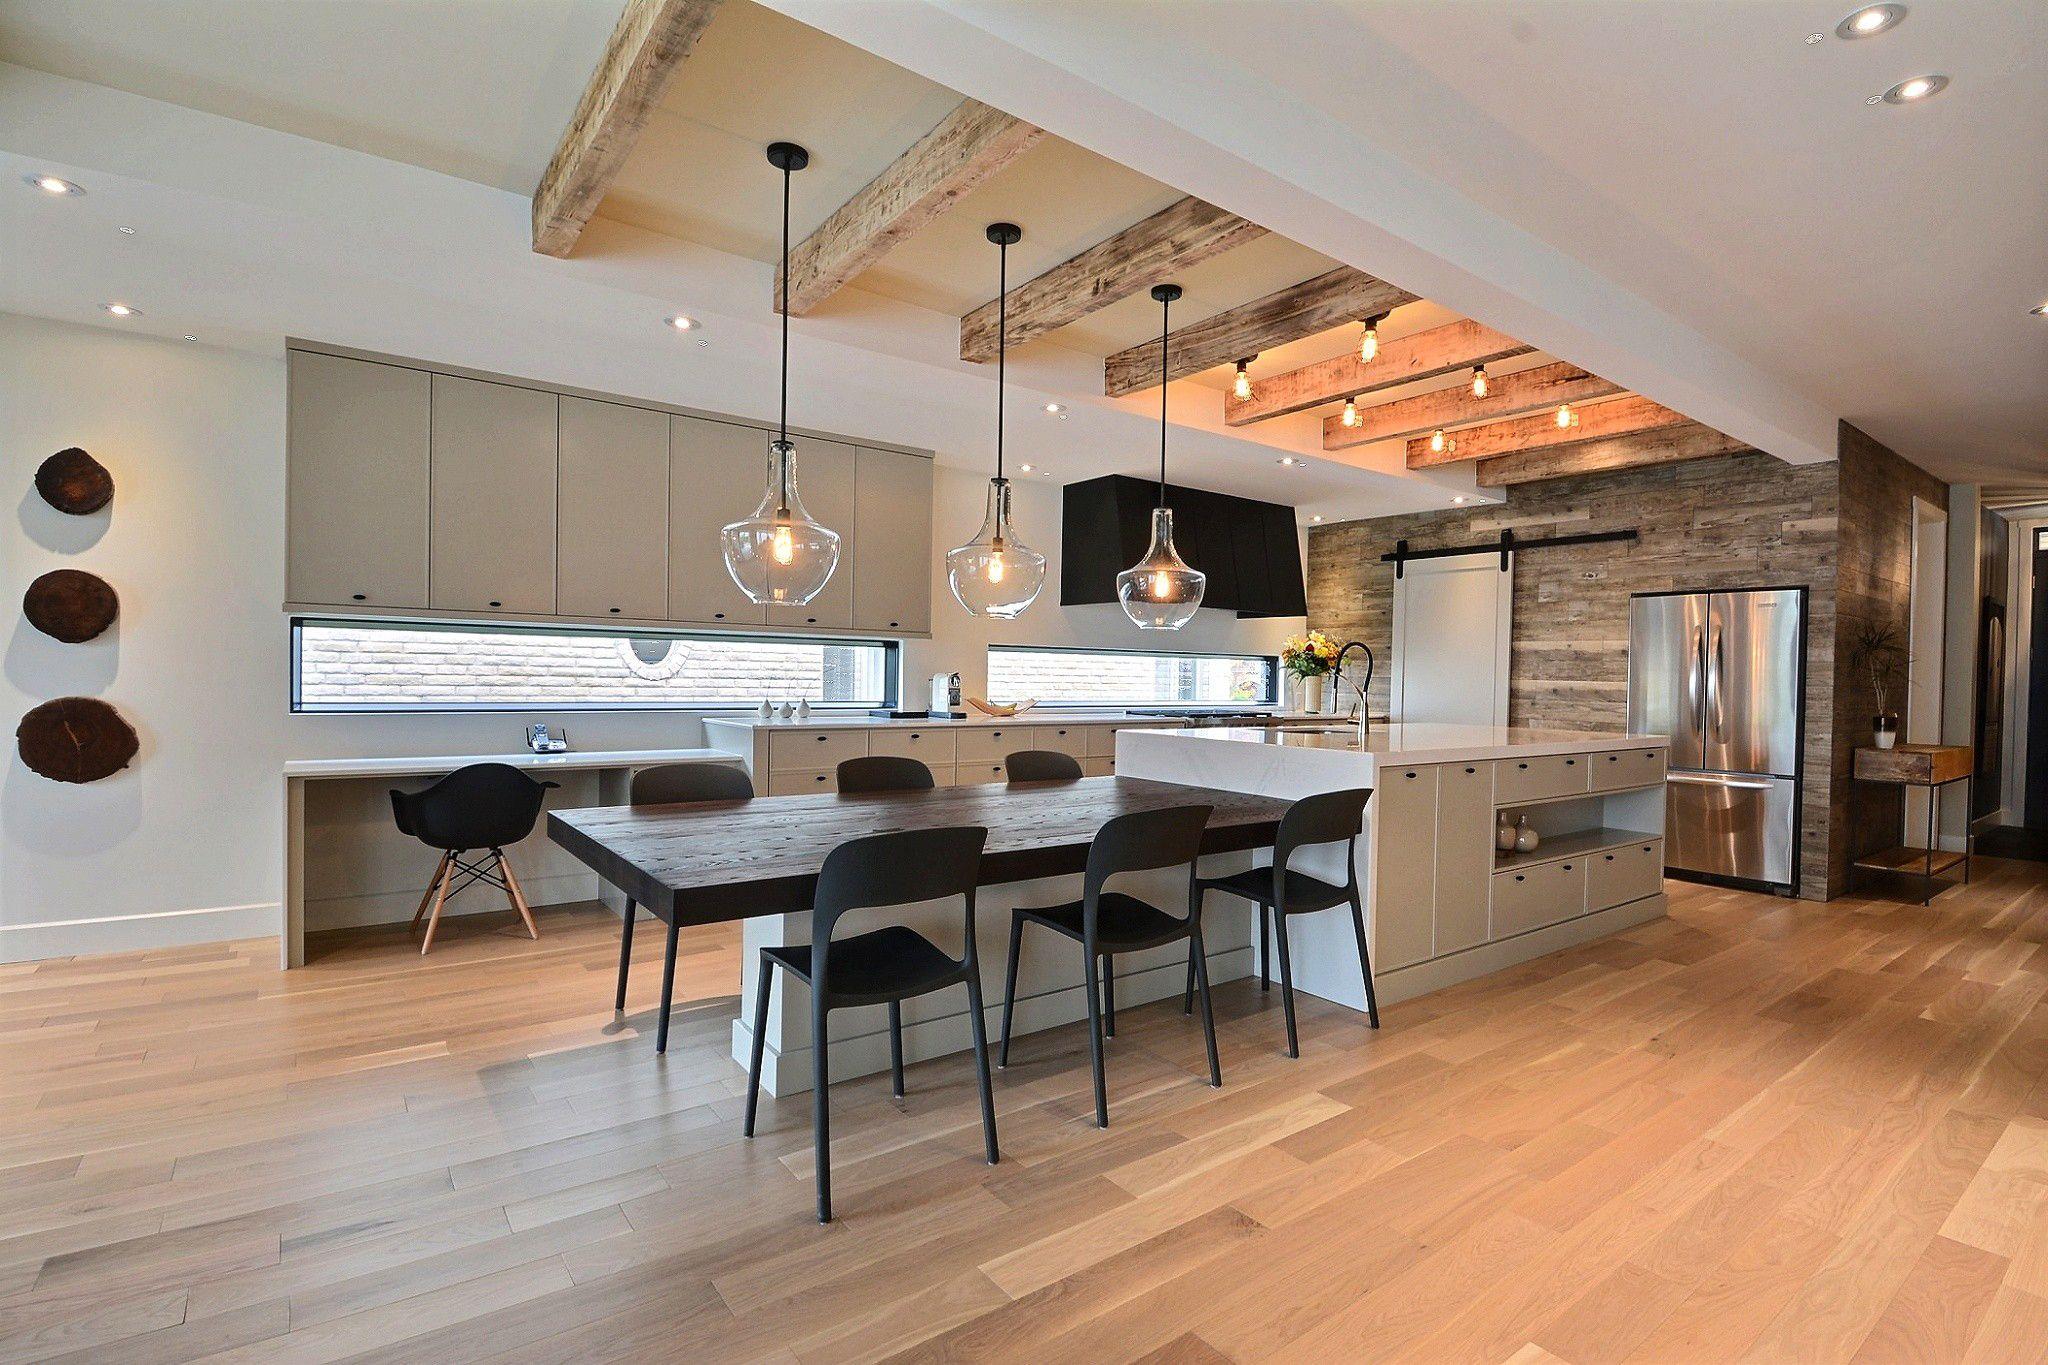 cuisines contemporaines la cachemire vraiment vraiment le m lange parfait qui me convient et qui. Black Bedroom Furniture Sets. Home Design Ideas